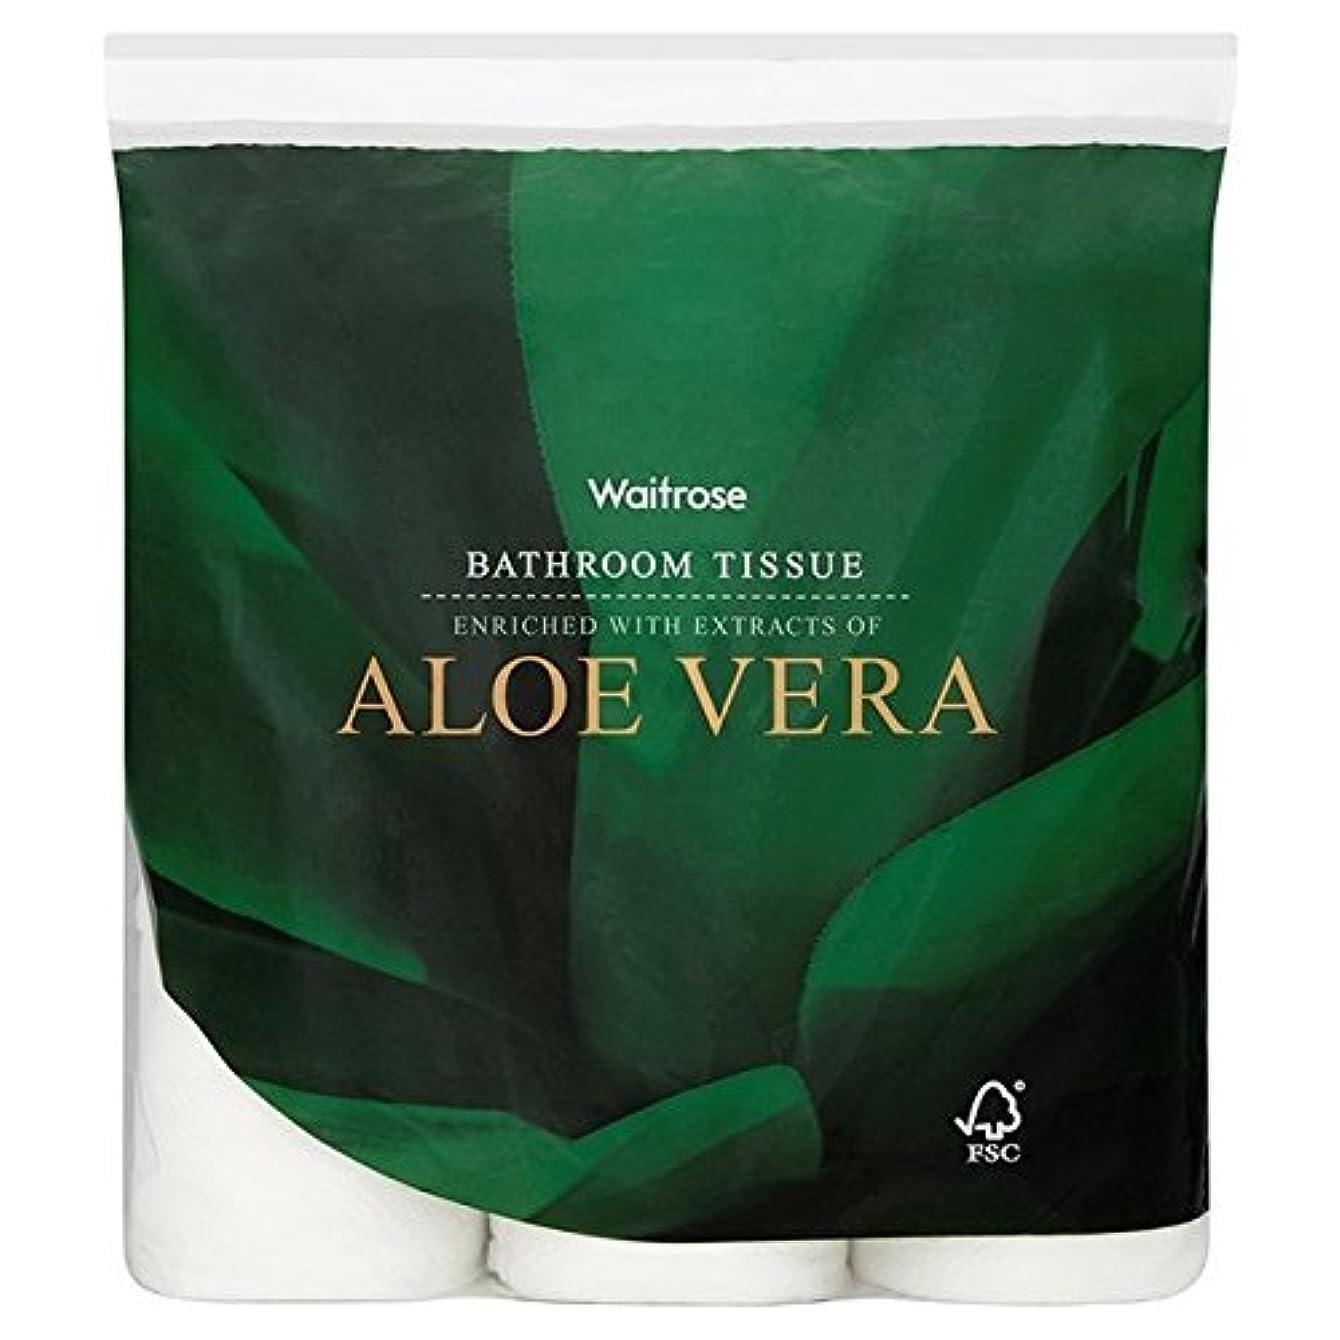 章挑発するサーバAloe Vera Bathroom Tissue White Waitrose 9 per pack - パックあたりアロエベラ浴室組織白ウェイトローズ9 [並行輸入品]